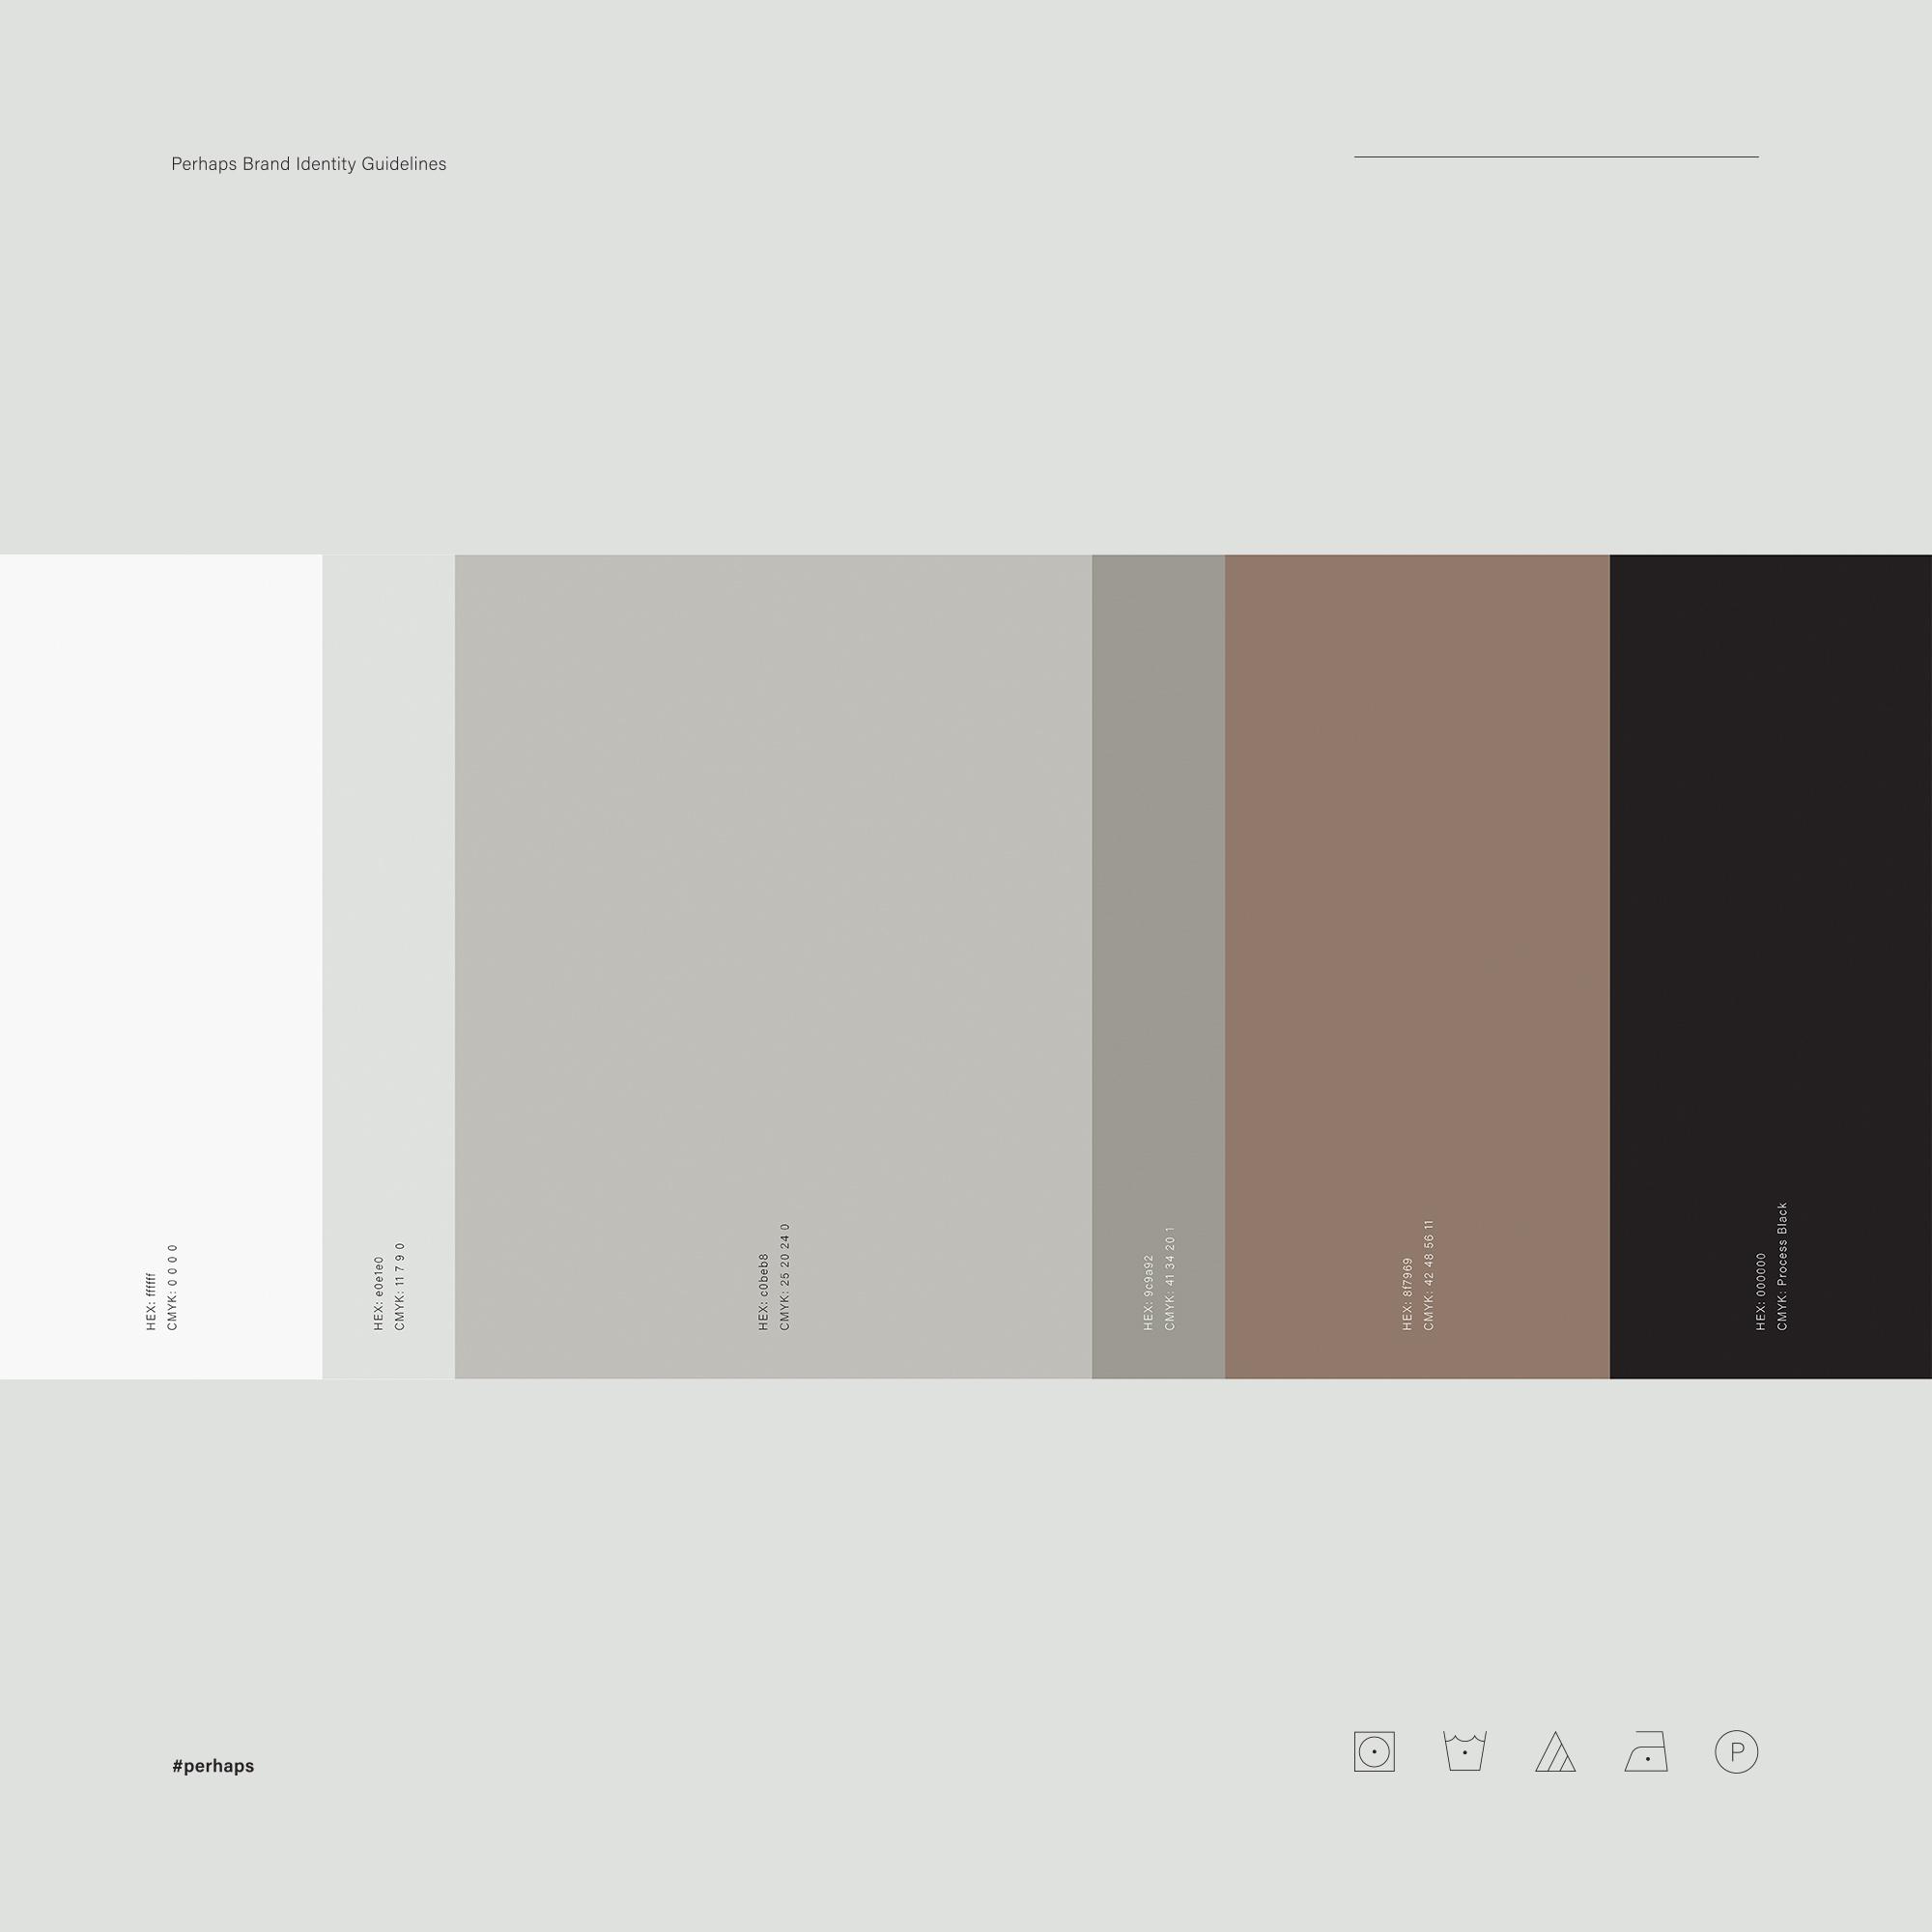 Folio_Square_Perhaps_02